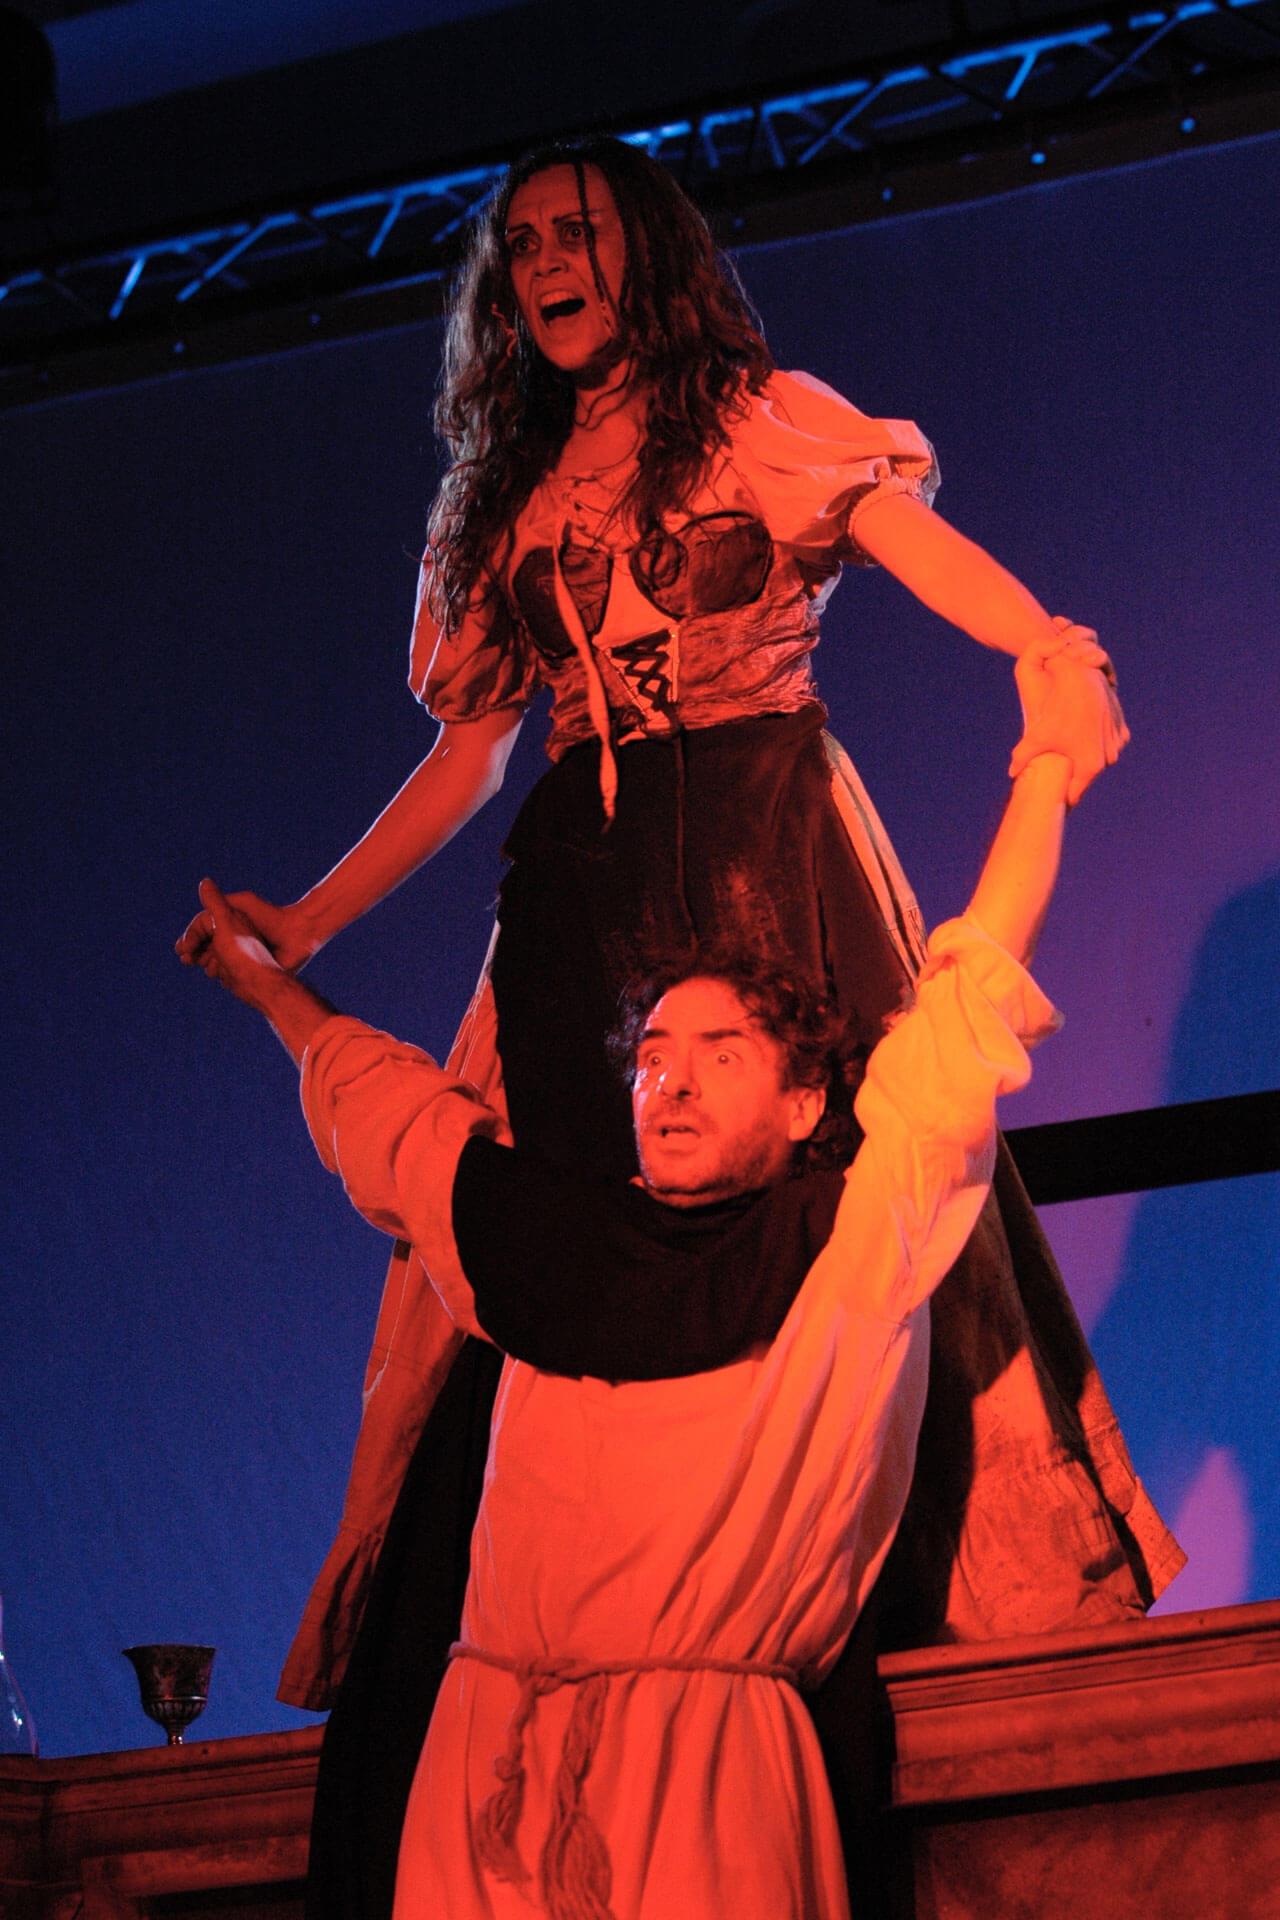 gruppo-teatro-colli-giordano-bruno-1998-6